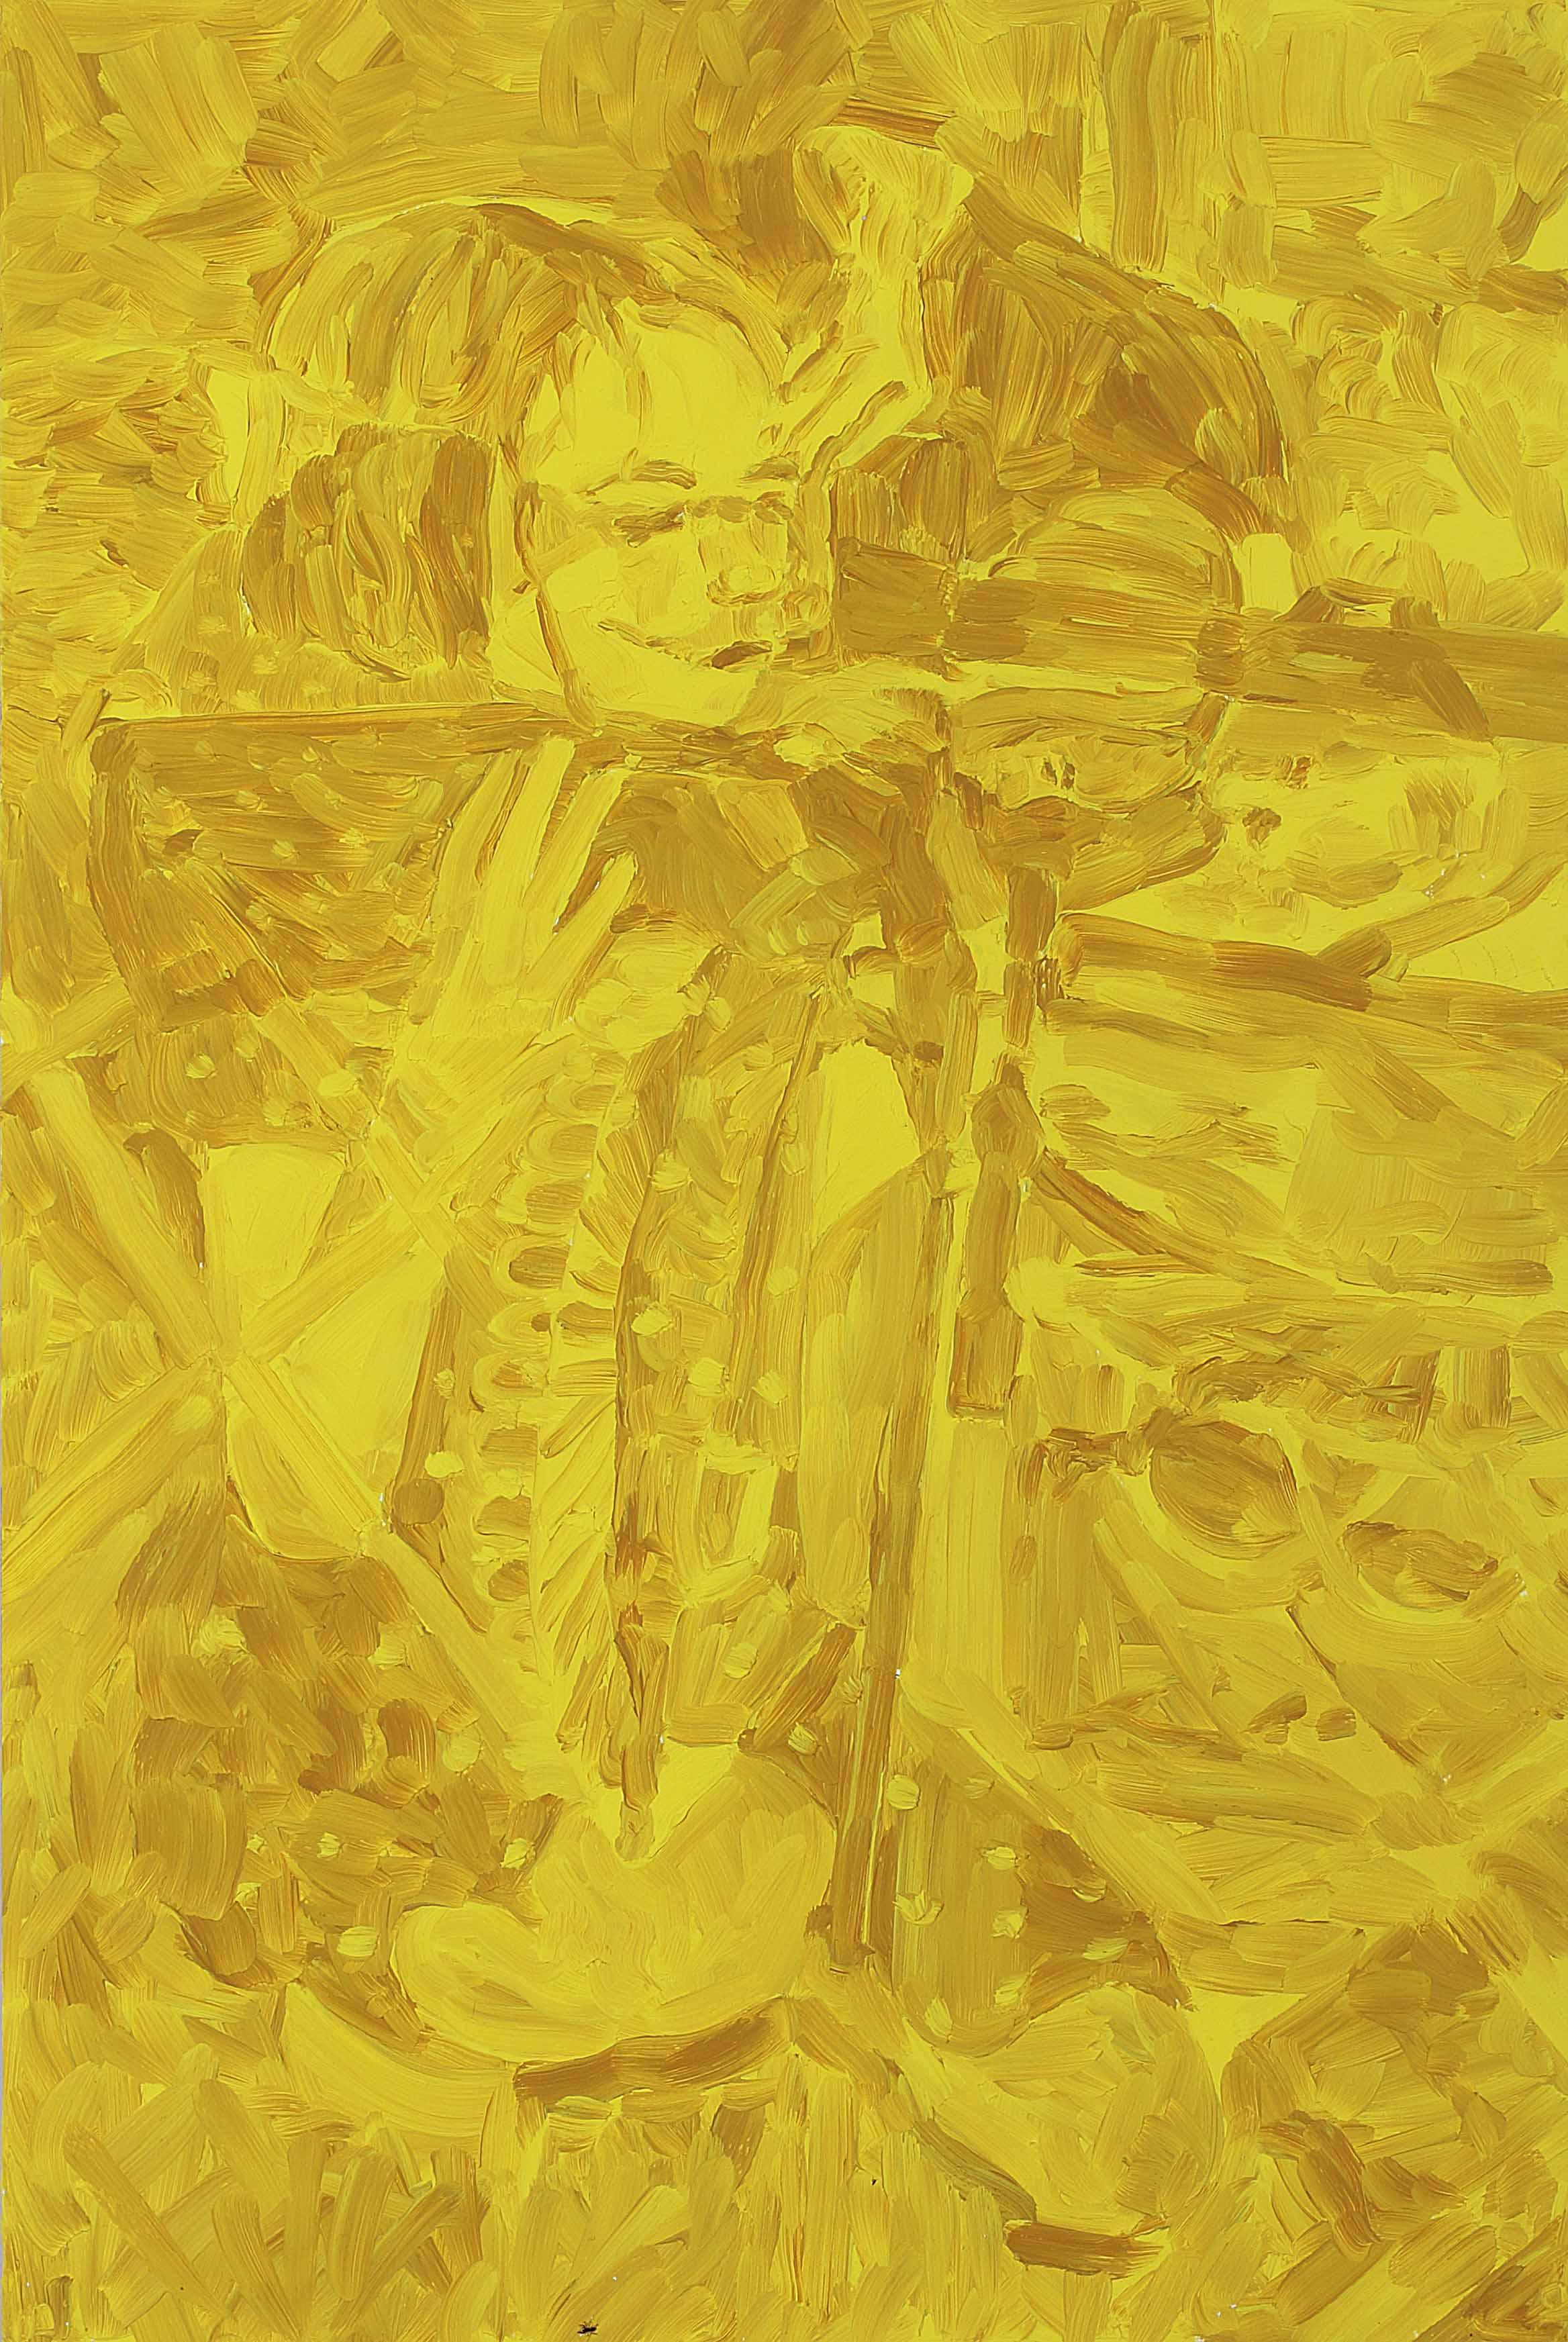 Aim, oil on board, 60 x 40 cm, 2008.